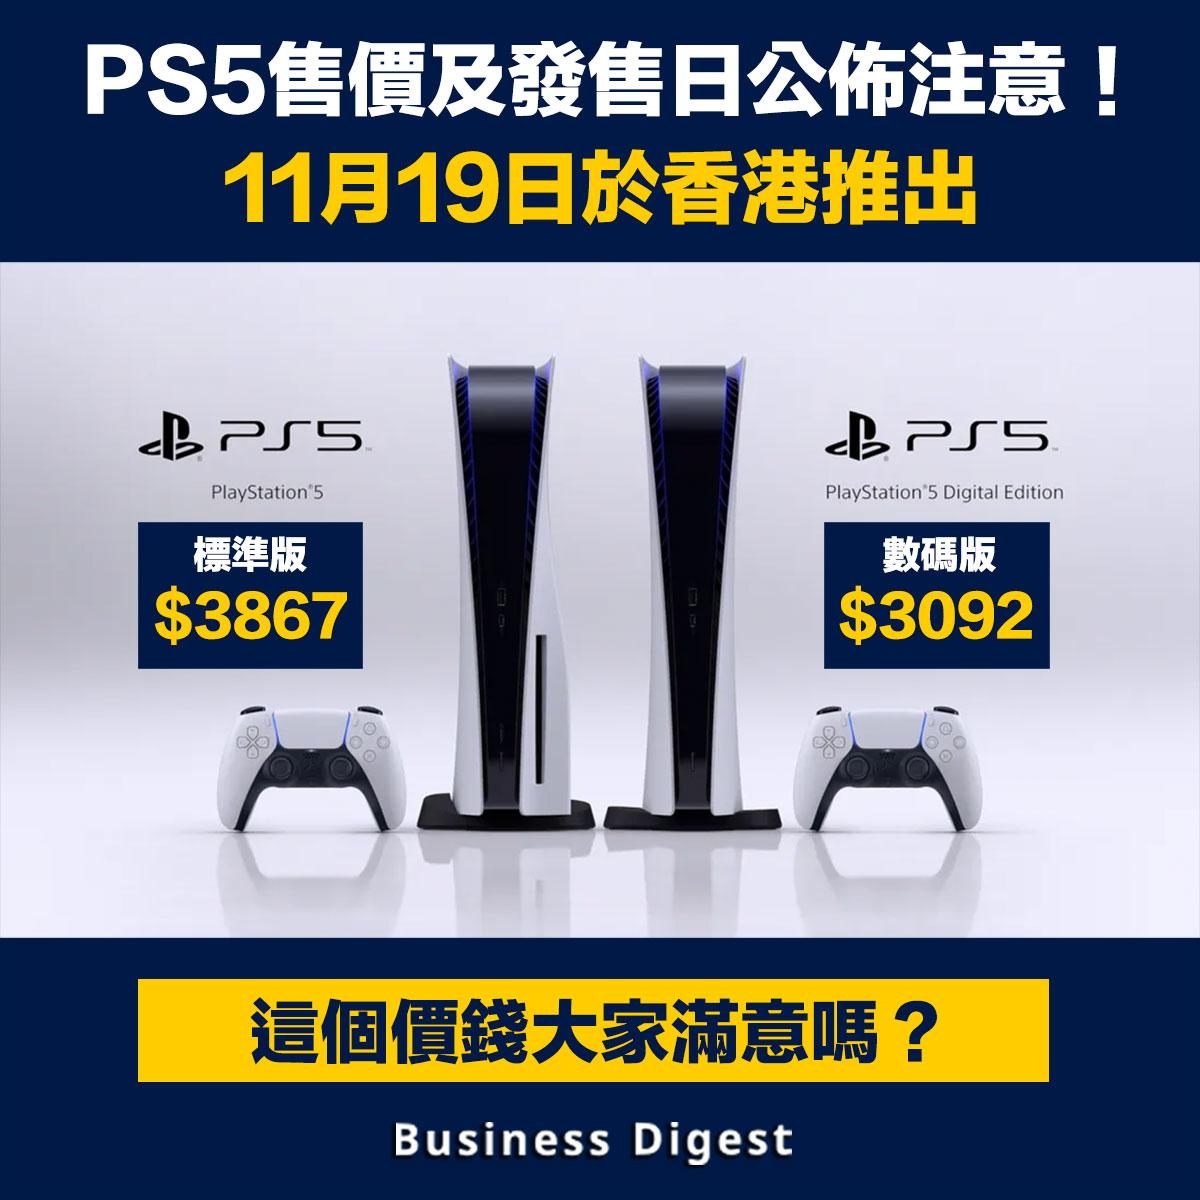 PS5售價及發售日公佈注意!11月19日於香港推出